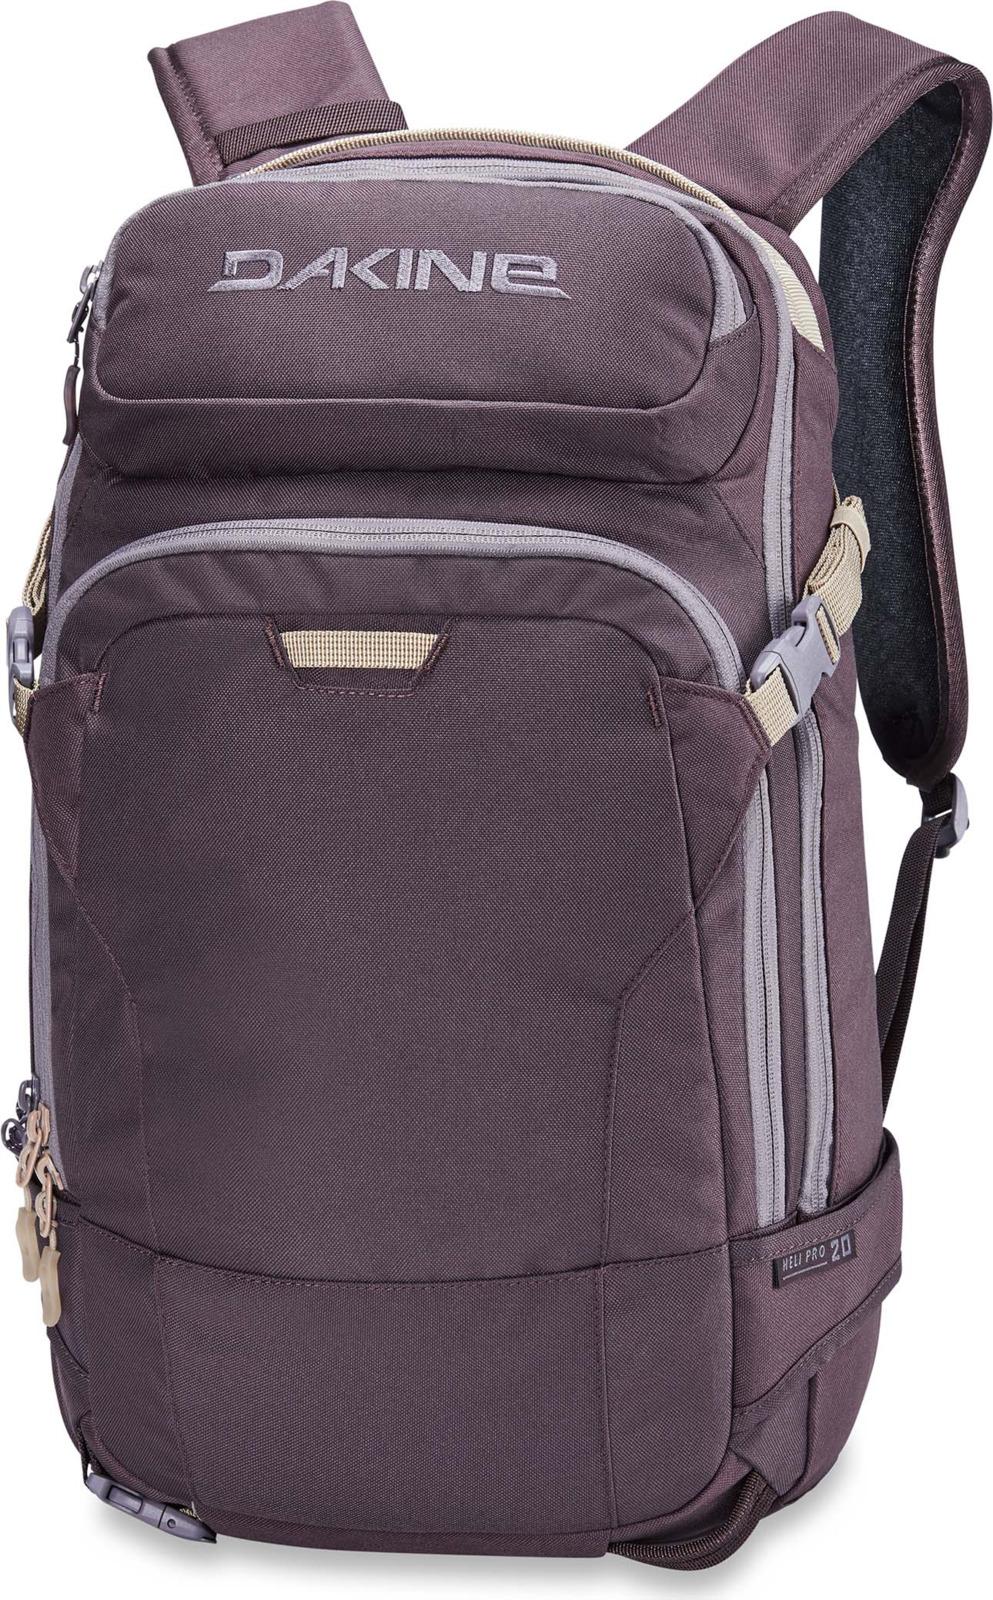 Рюкзак женский Dakine Women's Heli Pro, цвет: фиолетовый, 20 л oiwas ноутбук рюкзак мода случайные